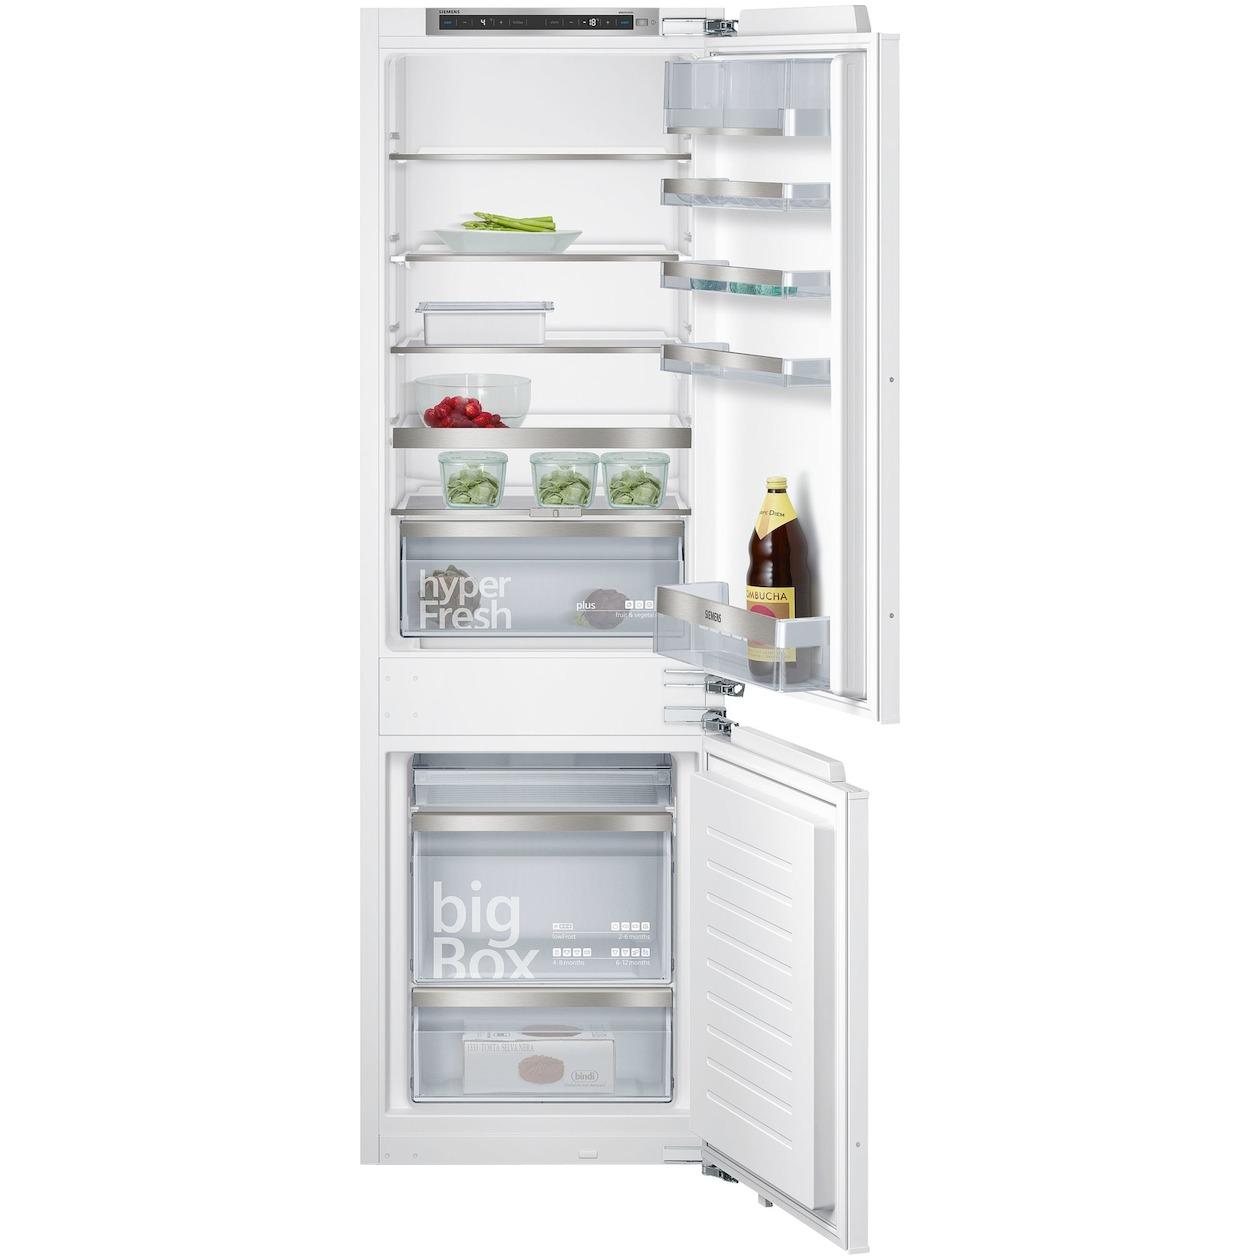 Siemens inbouw koelvriescombinatie KI86SGD30 - Prijsvergelijk